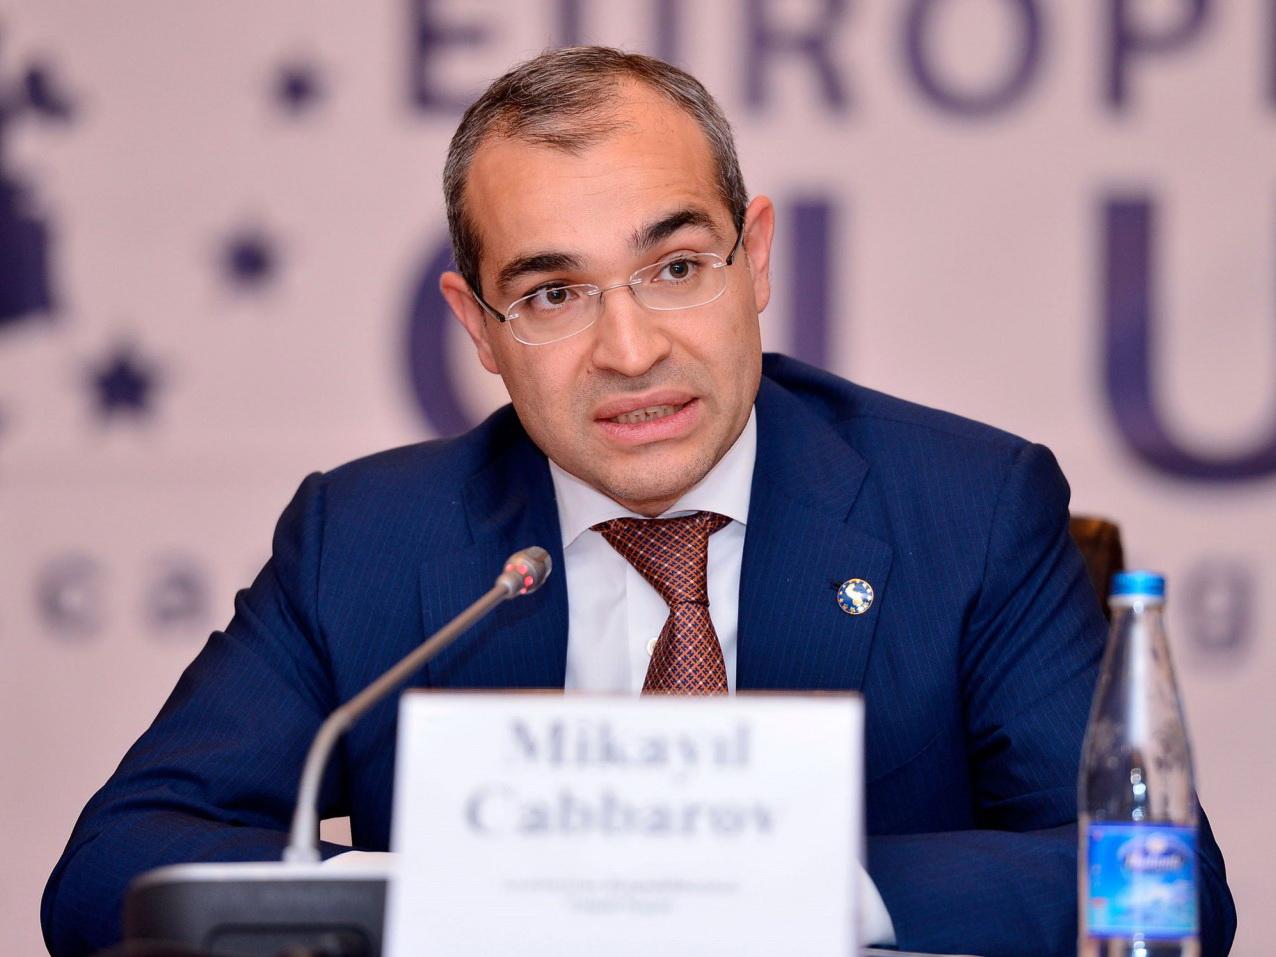 Микаил Джаббаров: Минналогов против политики налоговых выплат за счет нечестной конкуренции и нарушения законодательства